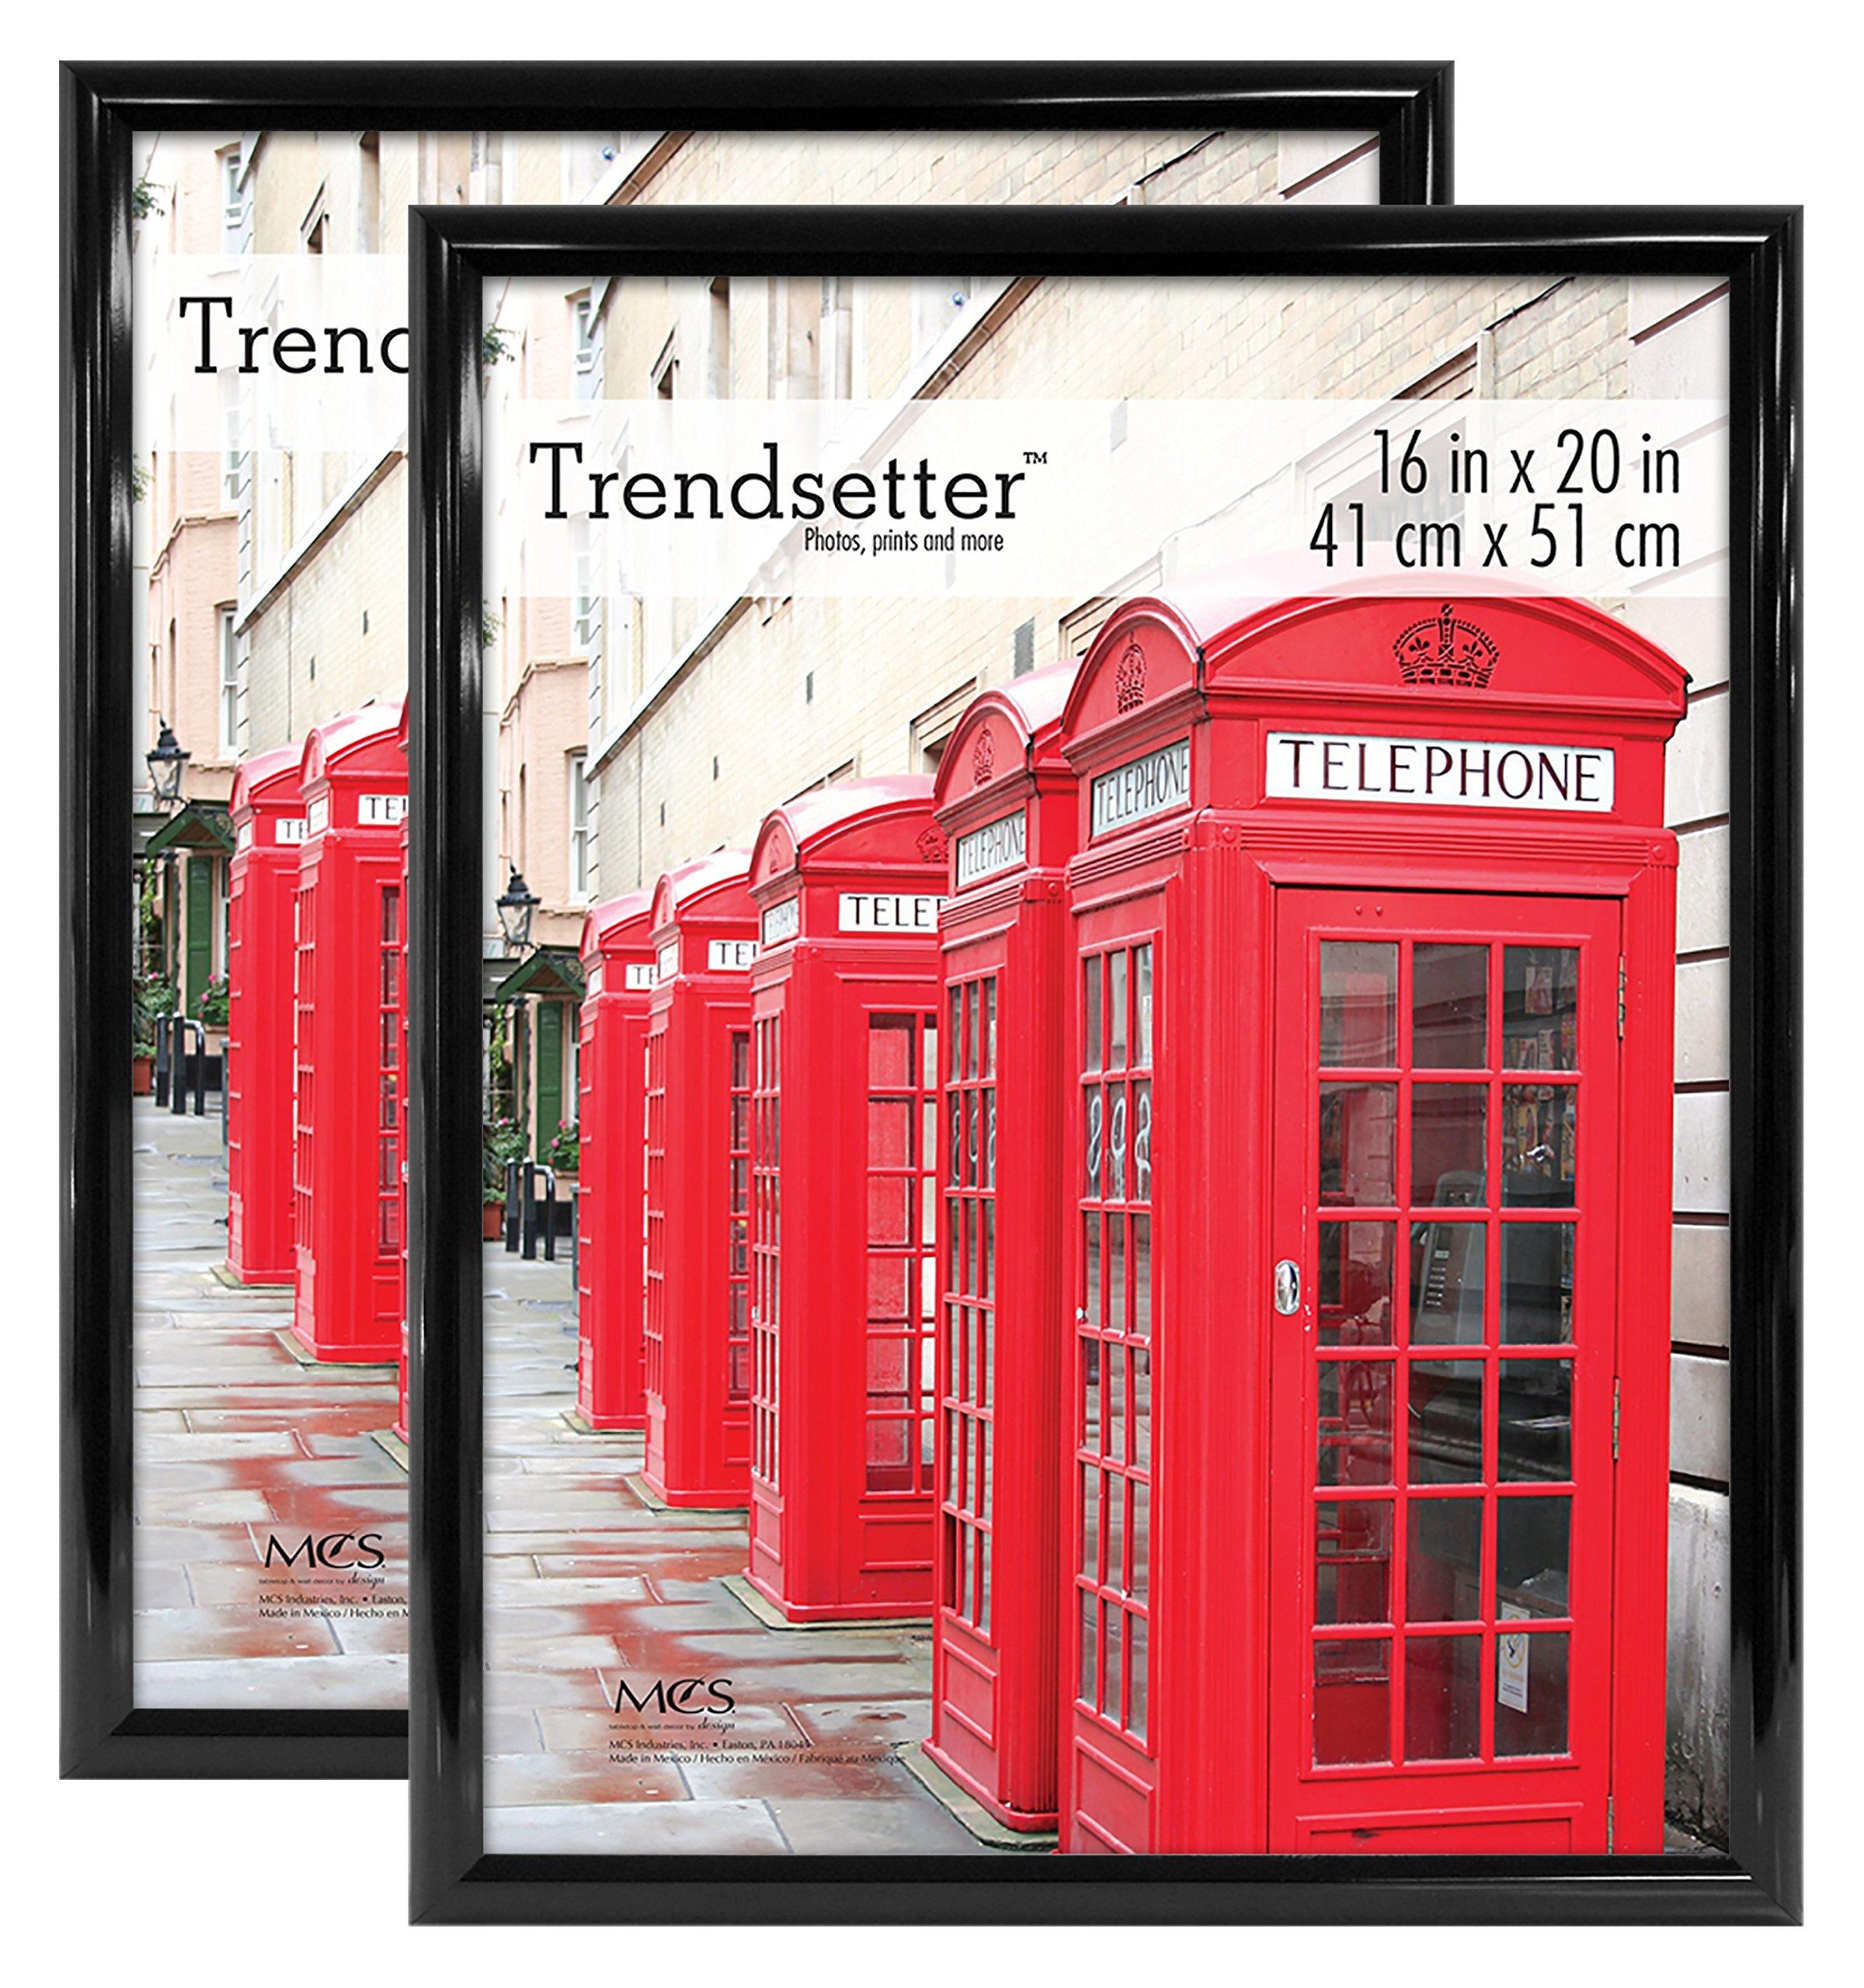 MCS Trendsetter 16x20 Inch Poster Frame (2pk), Black (65682) by MCS (Image #1)